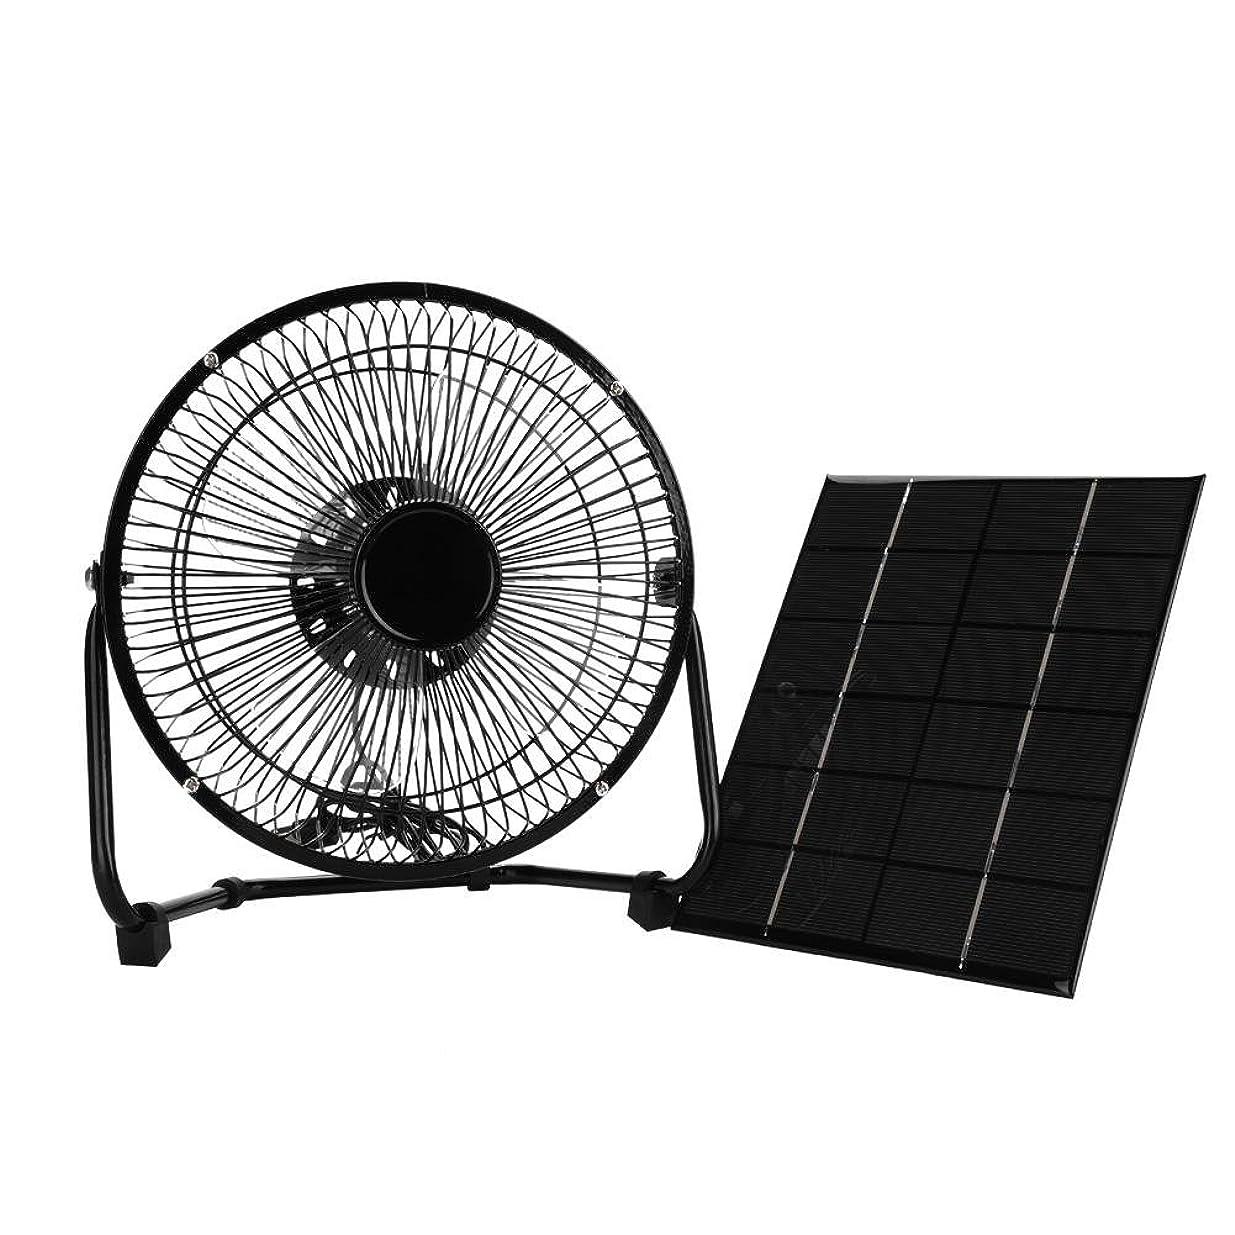 適切に階藤色ミニソーラーパネルファン 多機能 USB 8inch 5.2W 6V 冷却ファン+太陽電池パネル 屋外旅行 ソーラーアクセサリー ブラック